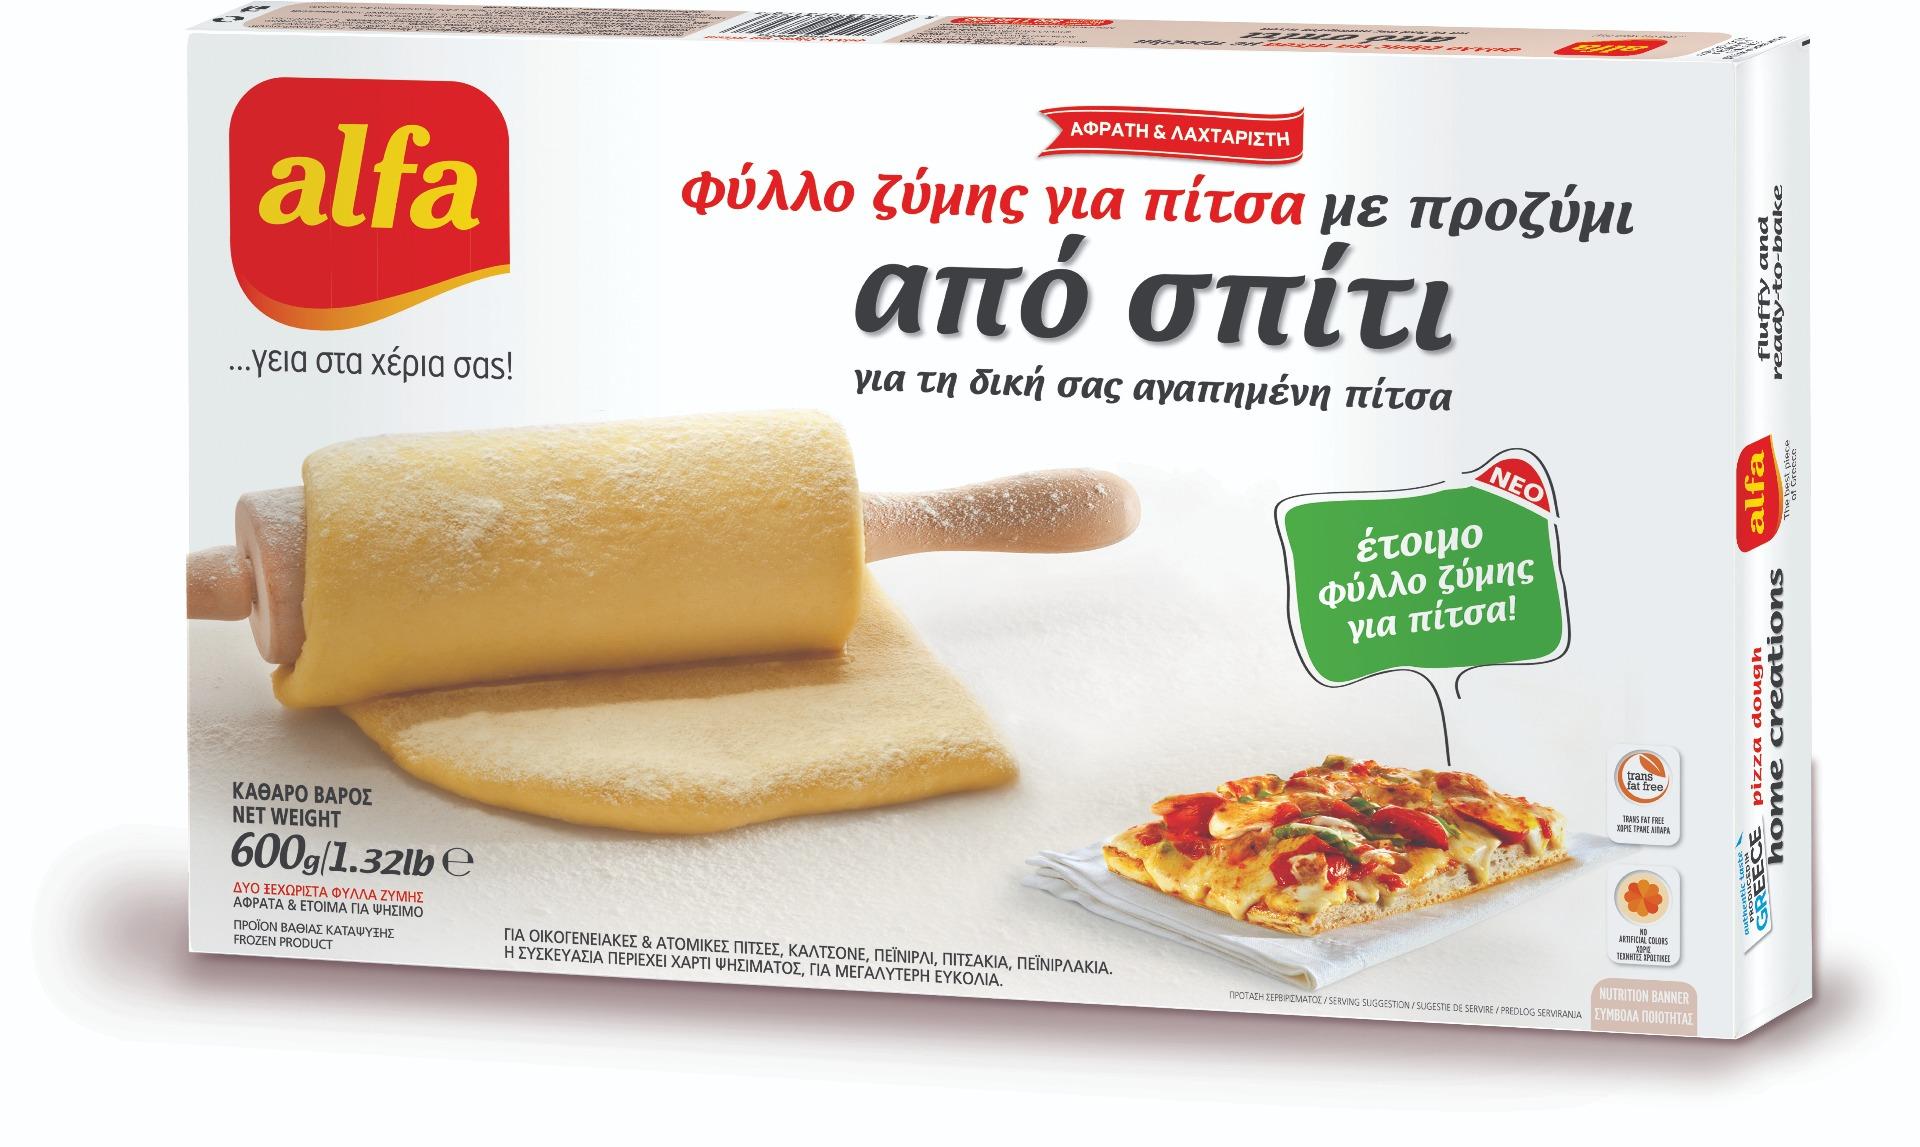 Ζυμη πίτσας Alfa 600gr